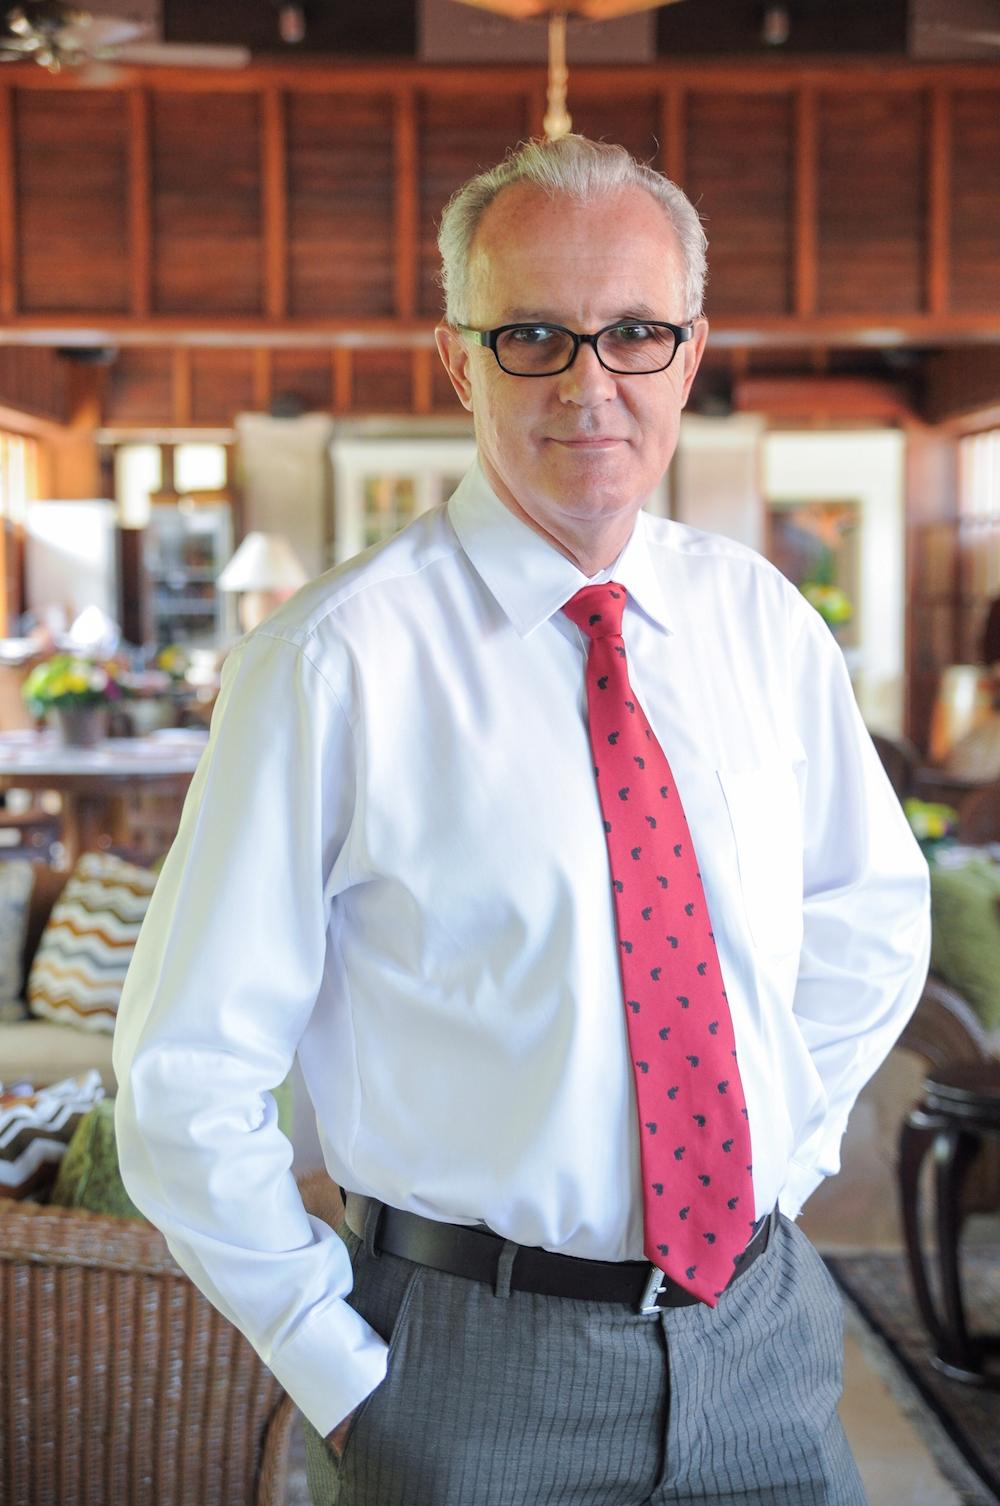 Tổng giám đốc Furama Resort Đà Nẵng: 'Tôi chưa bao giờ hối hận với quyết định này' 1